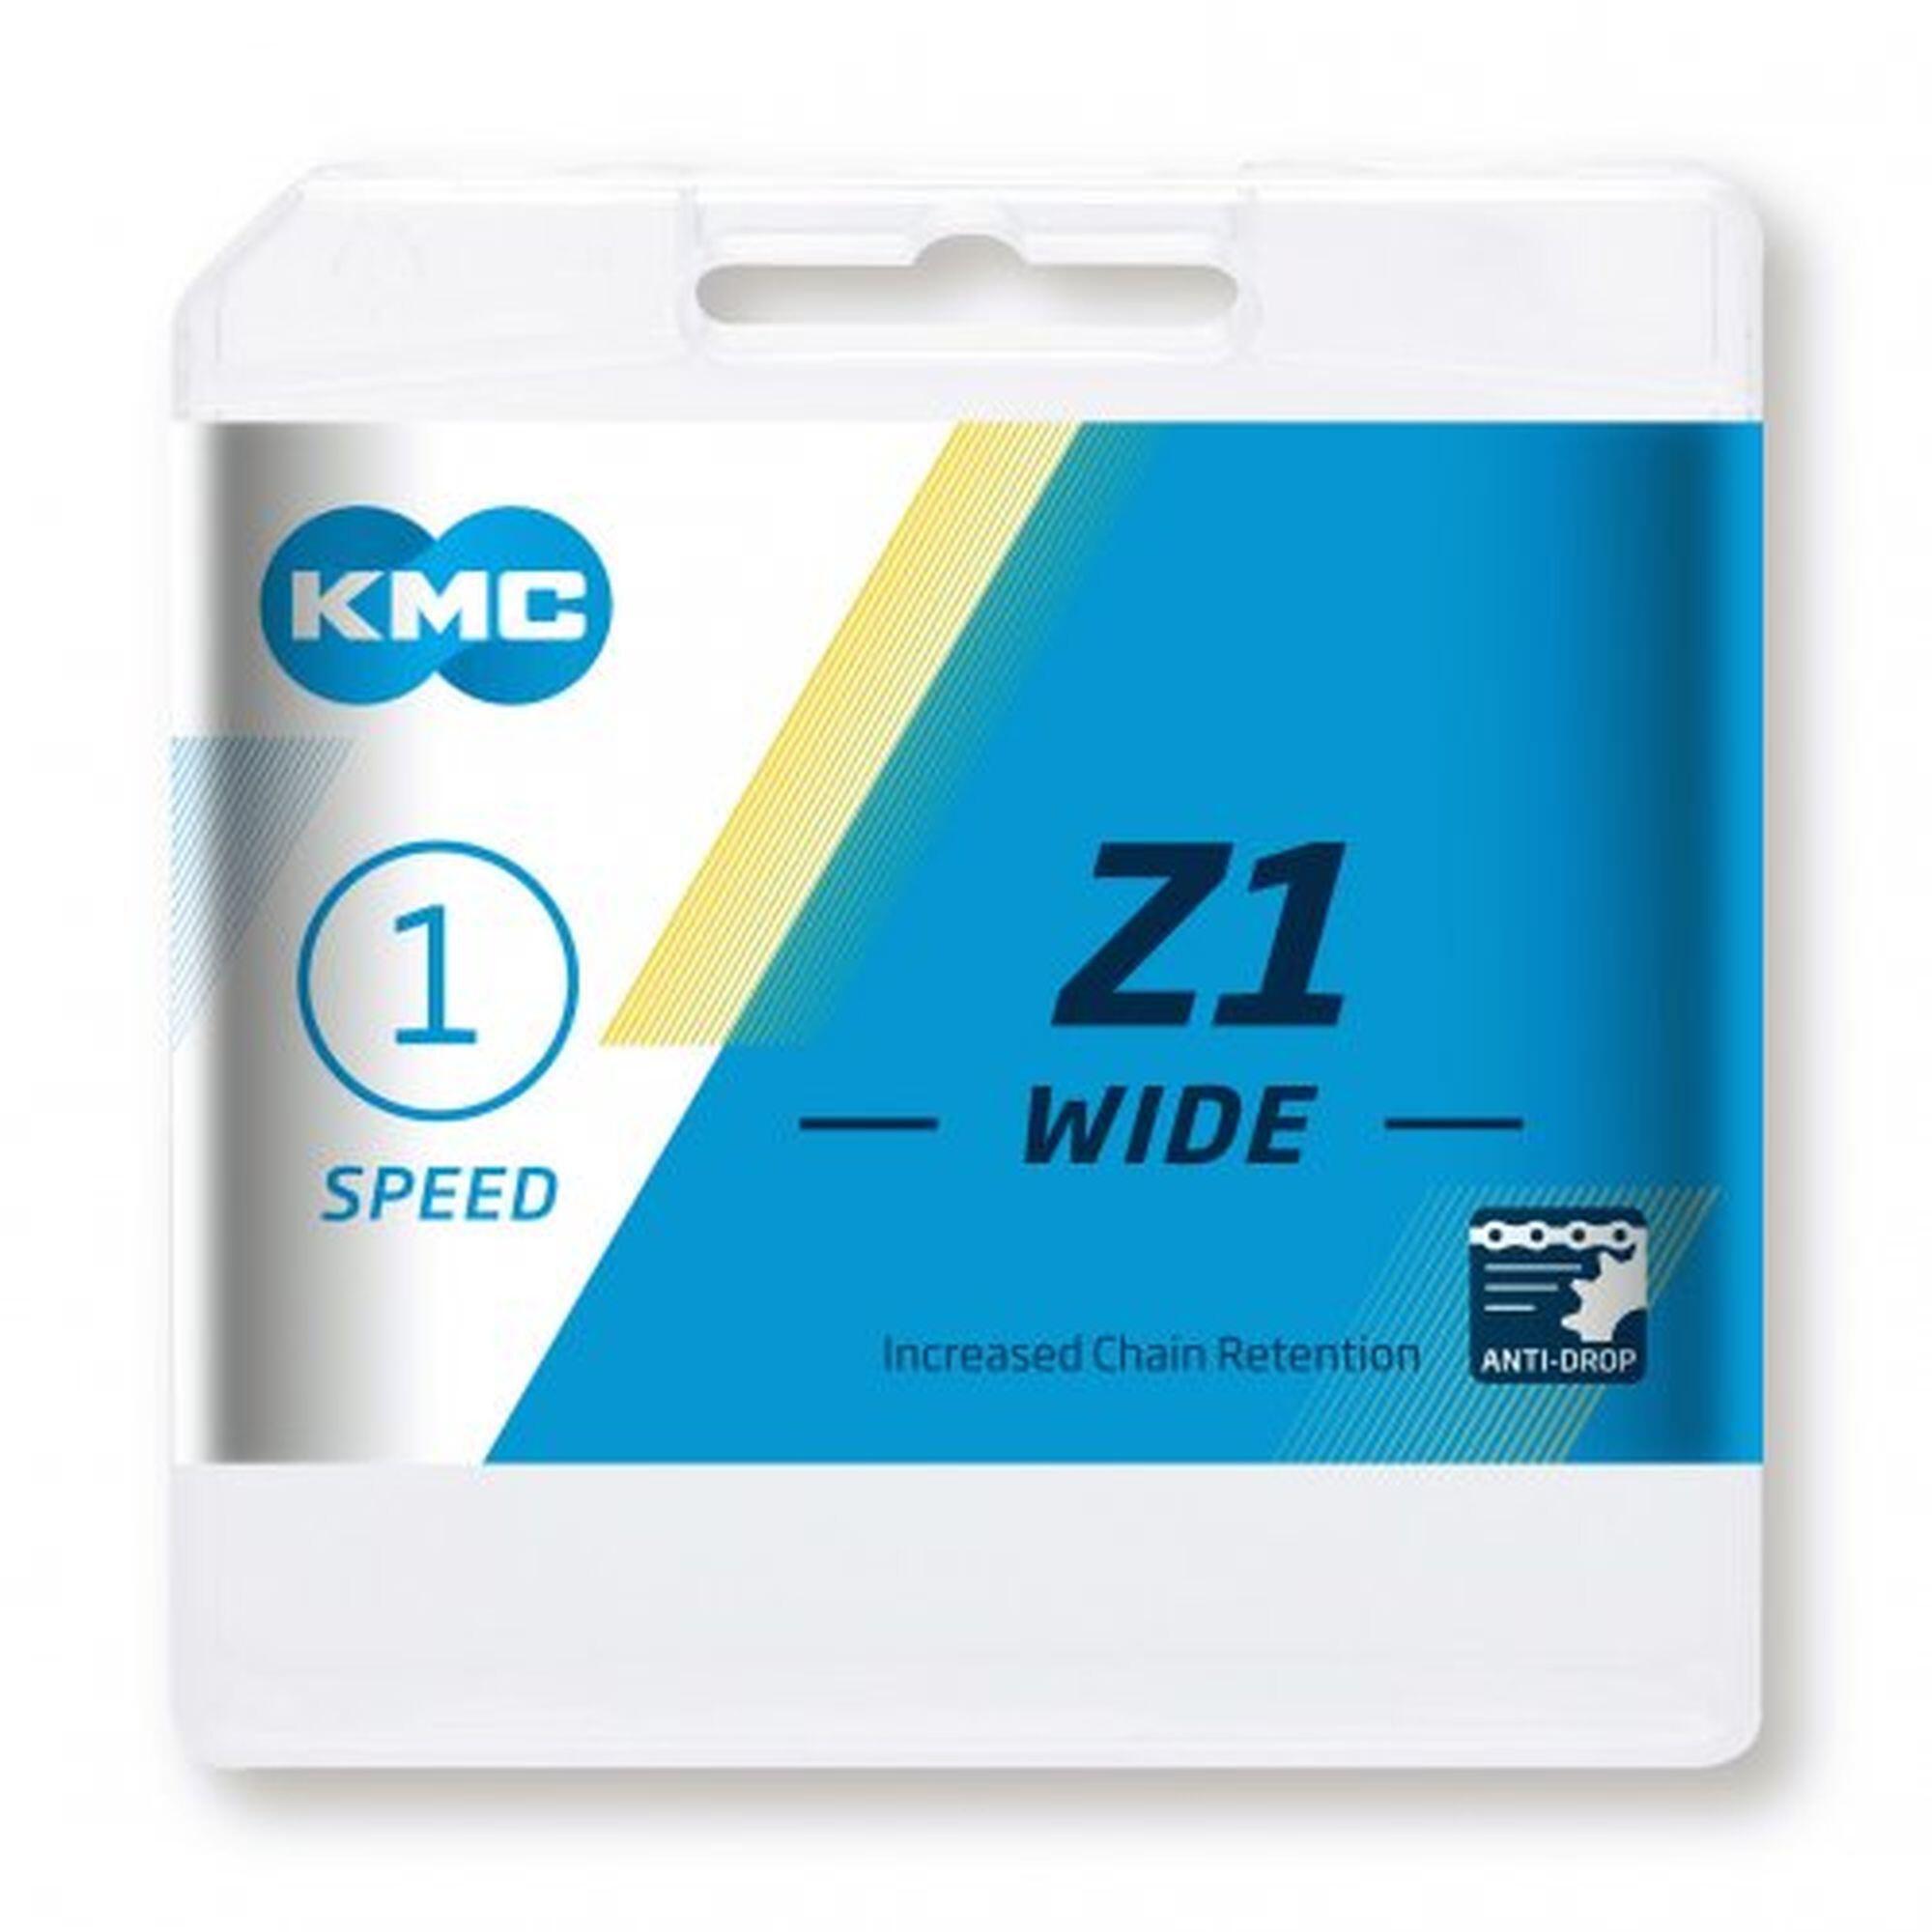 KMC Z1 Wide Kæde 1-speed, silver | Kæder